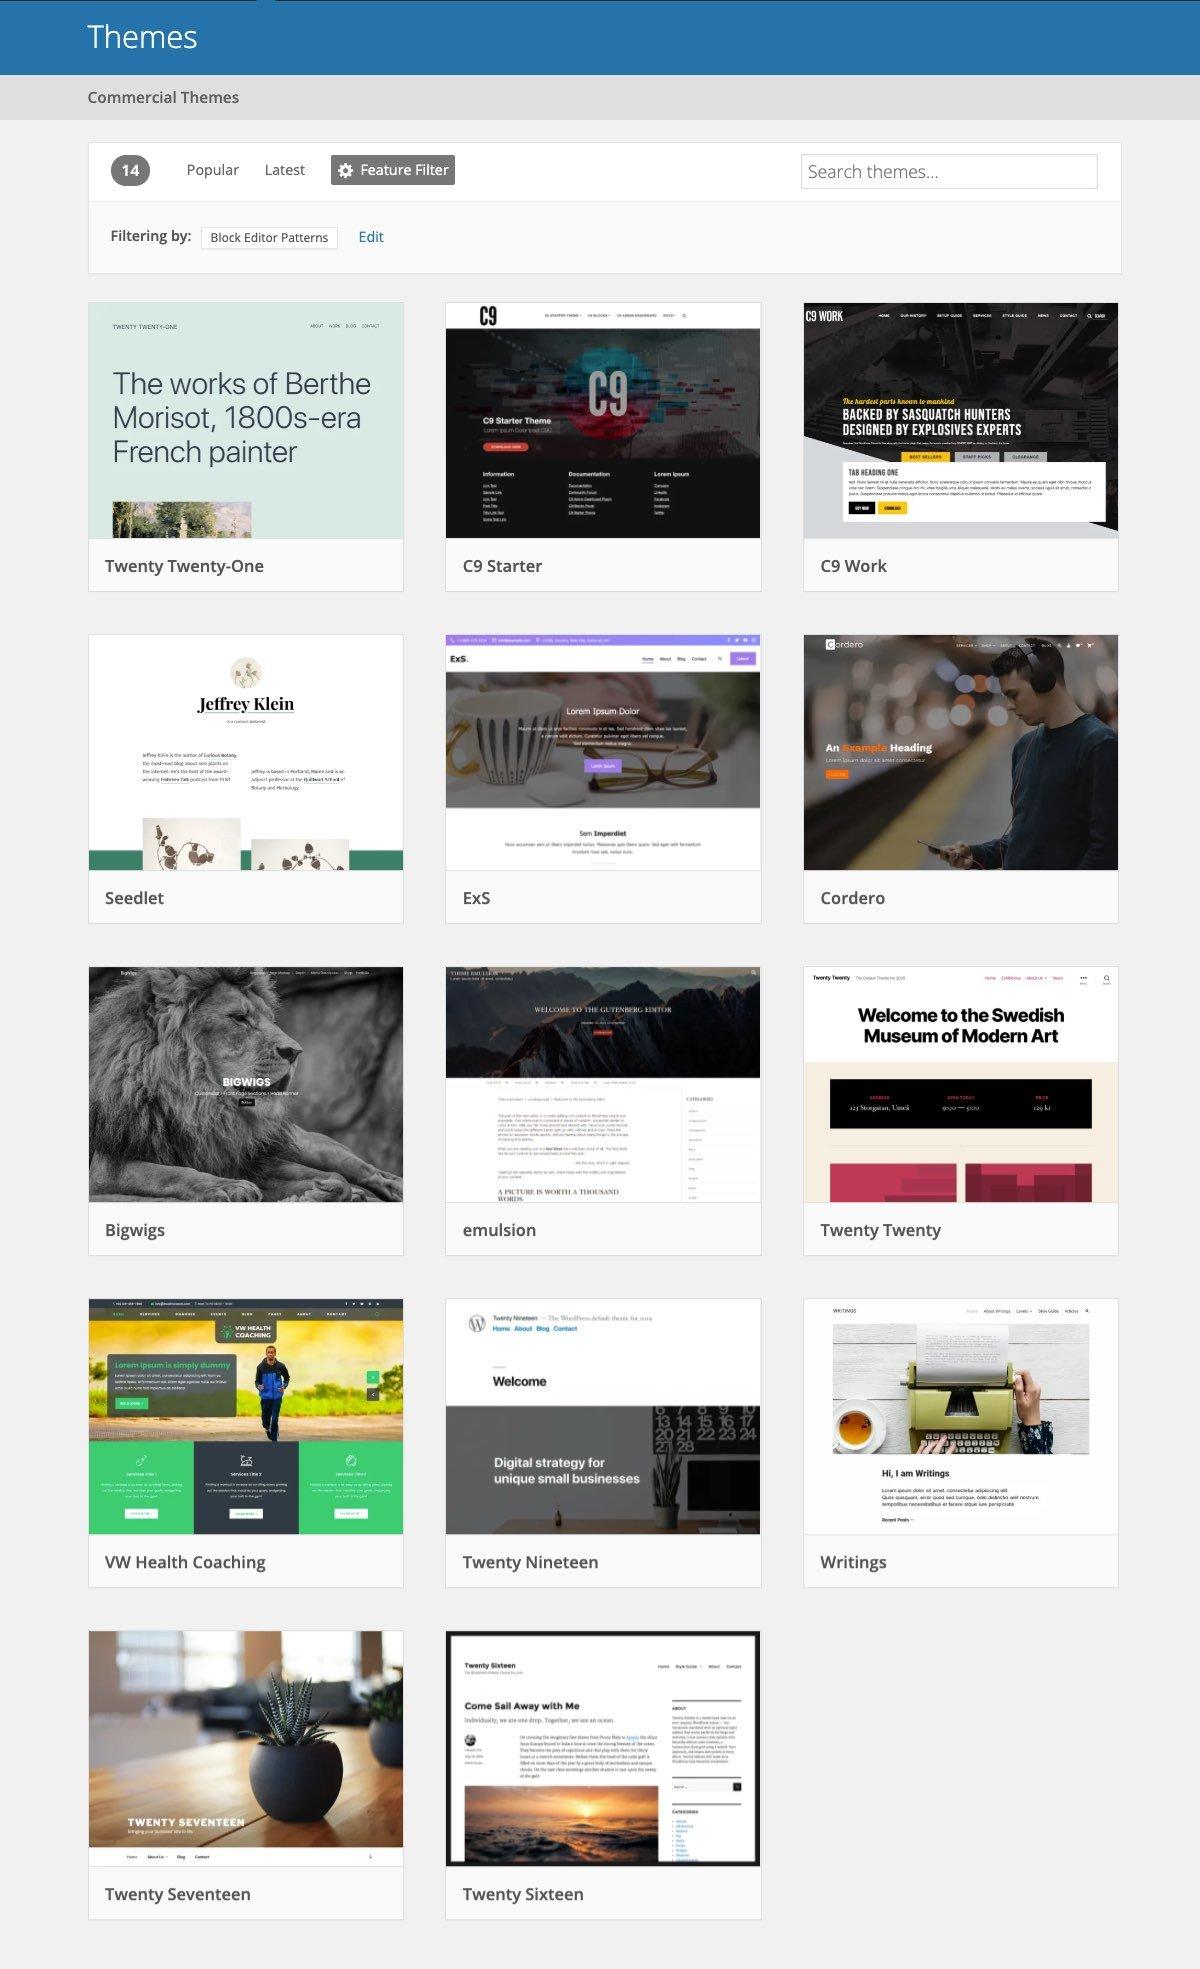 Temas del directorio de WordPress.org que incluyen patrones de bloques.